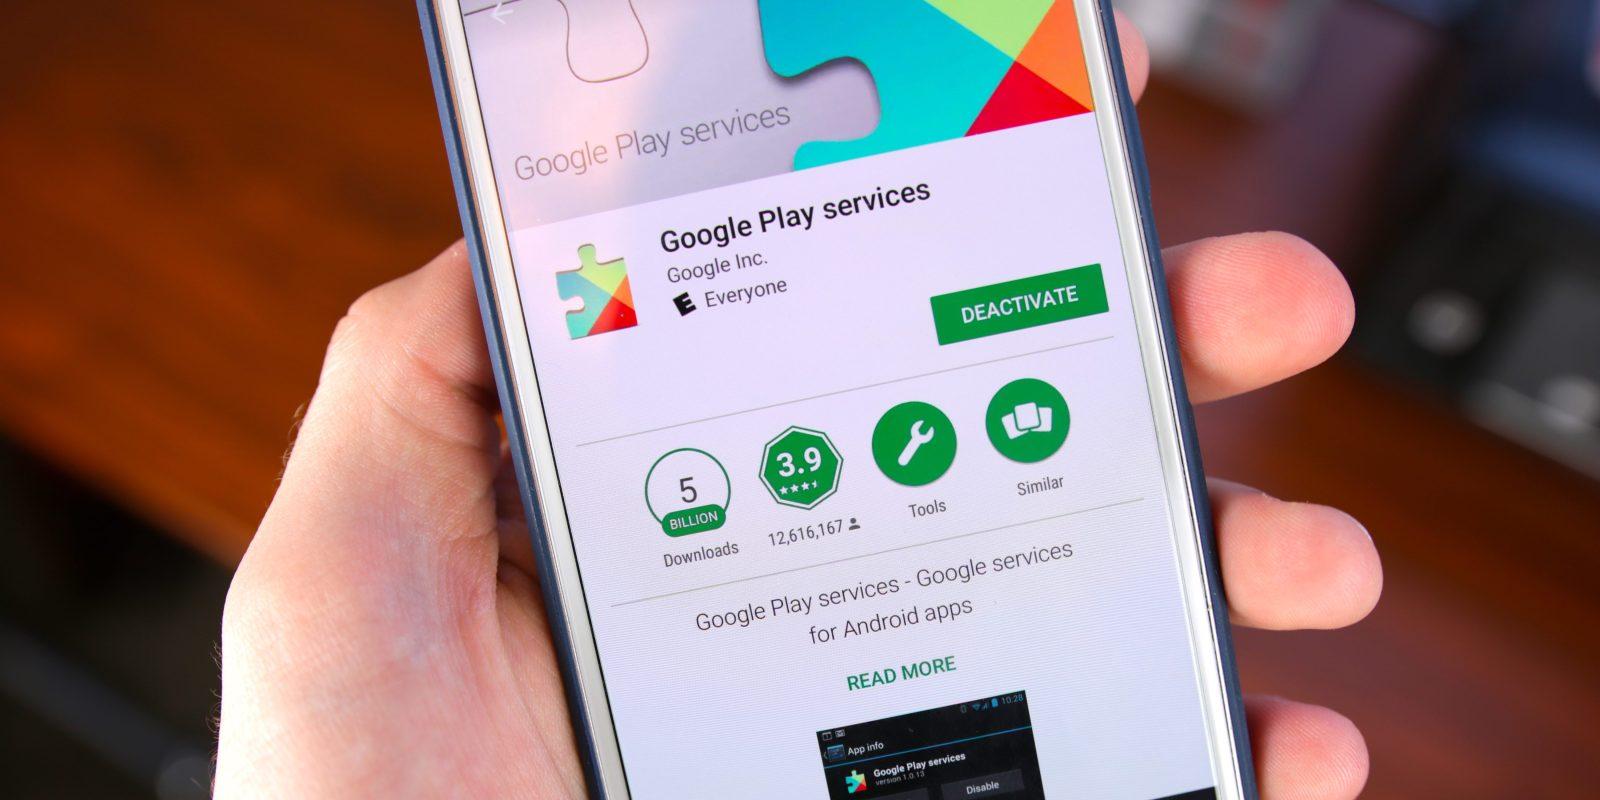 Dlaczego Usługi Google Play W Androidzie Są Ważne I Warto Je